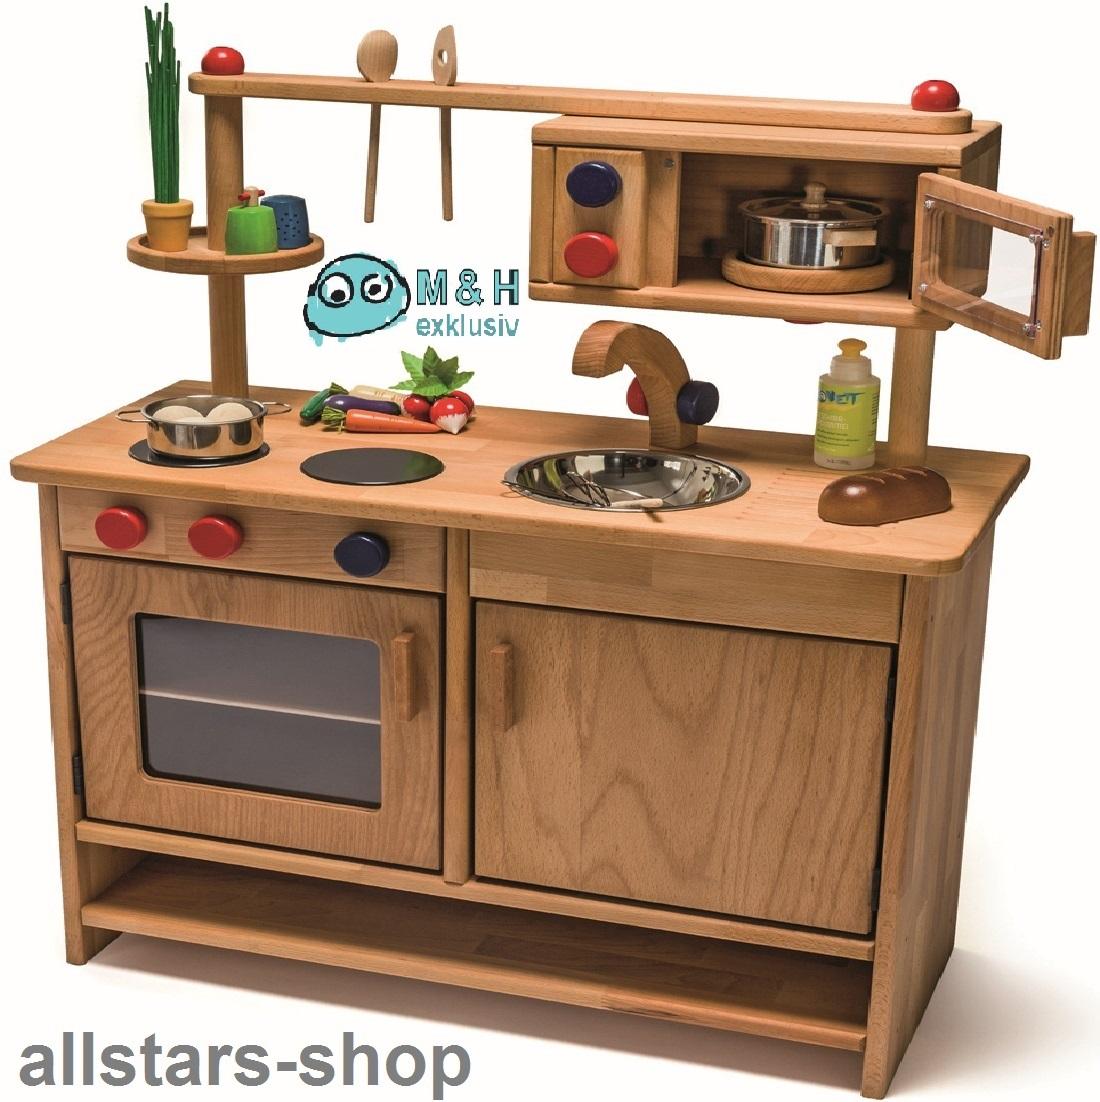 Full Size of Spielküche Allstars Spielkche Kinderkche Pantrykche Aus Massivholz Mit Kinder Wohnzimmer Spielküche